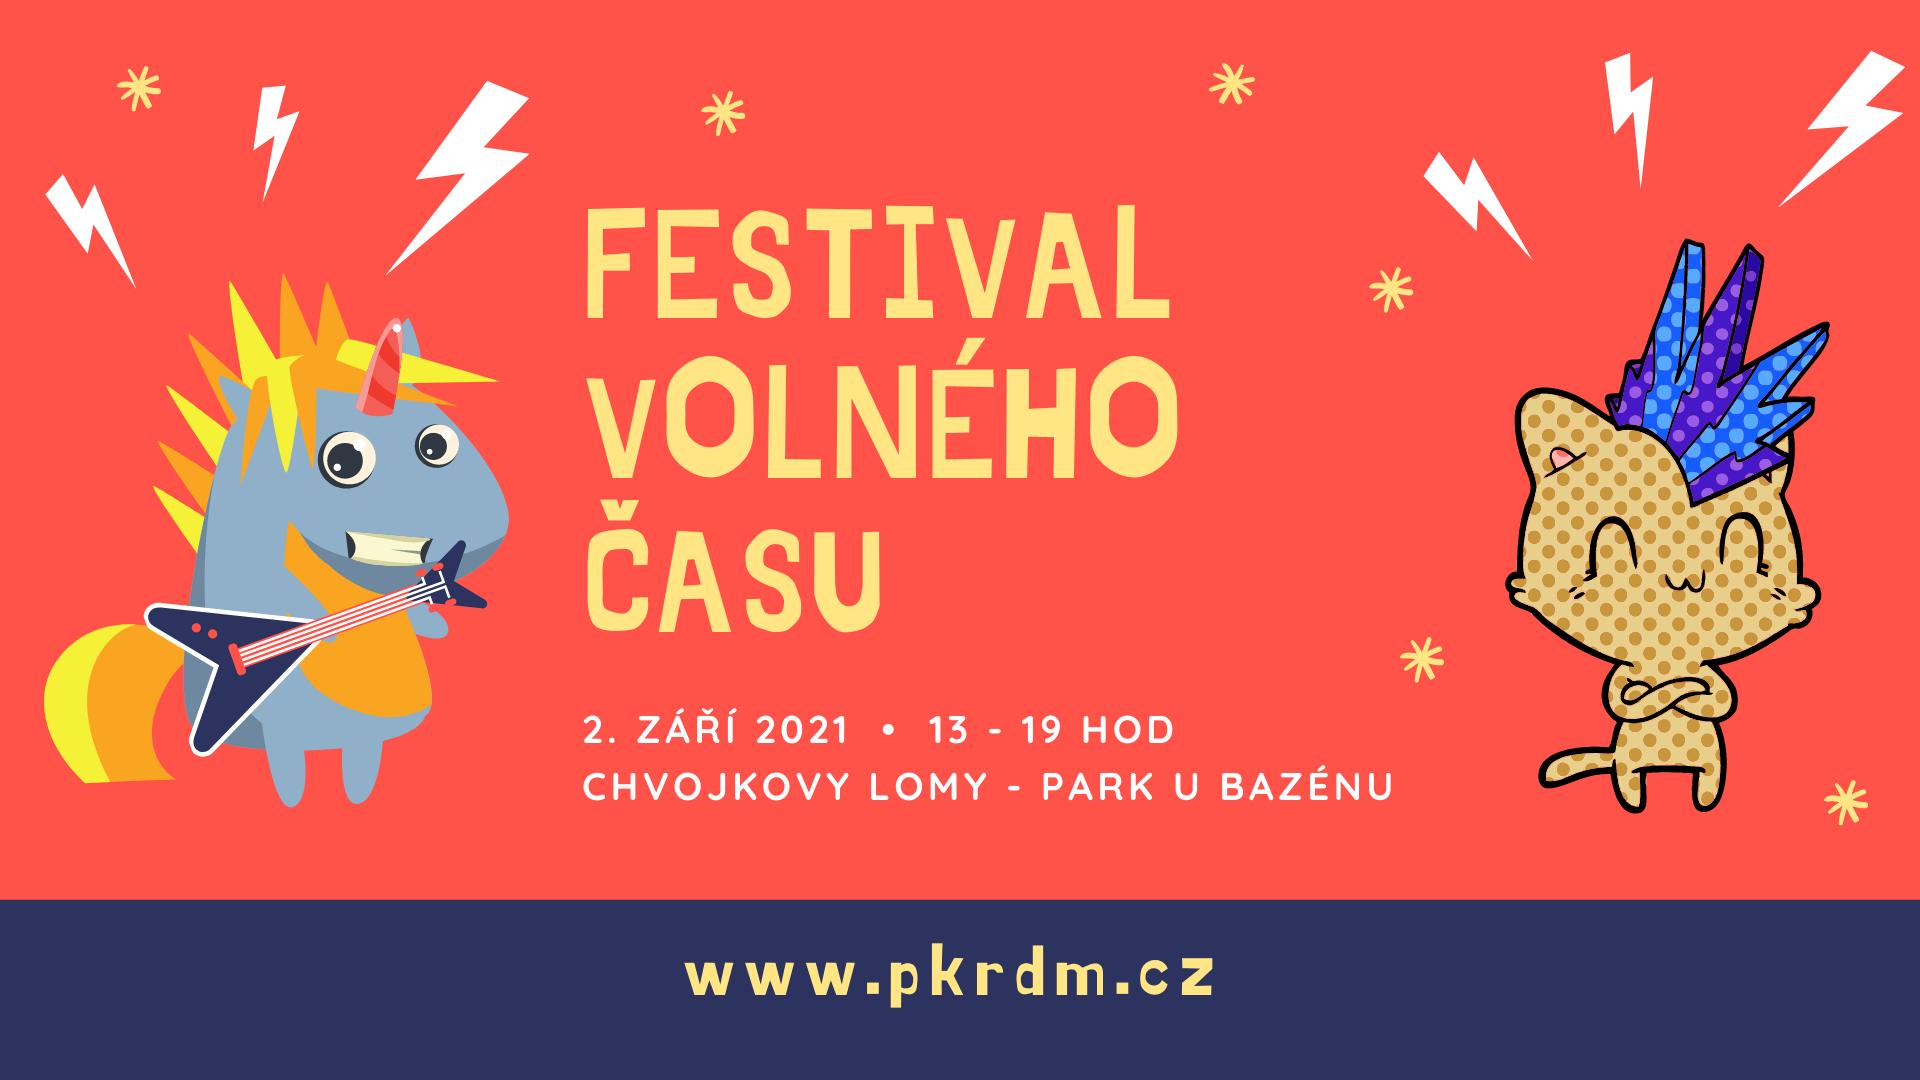 Festival volného času 2021